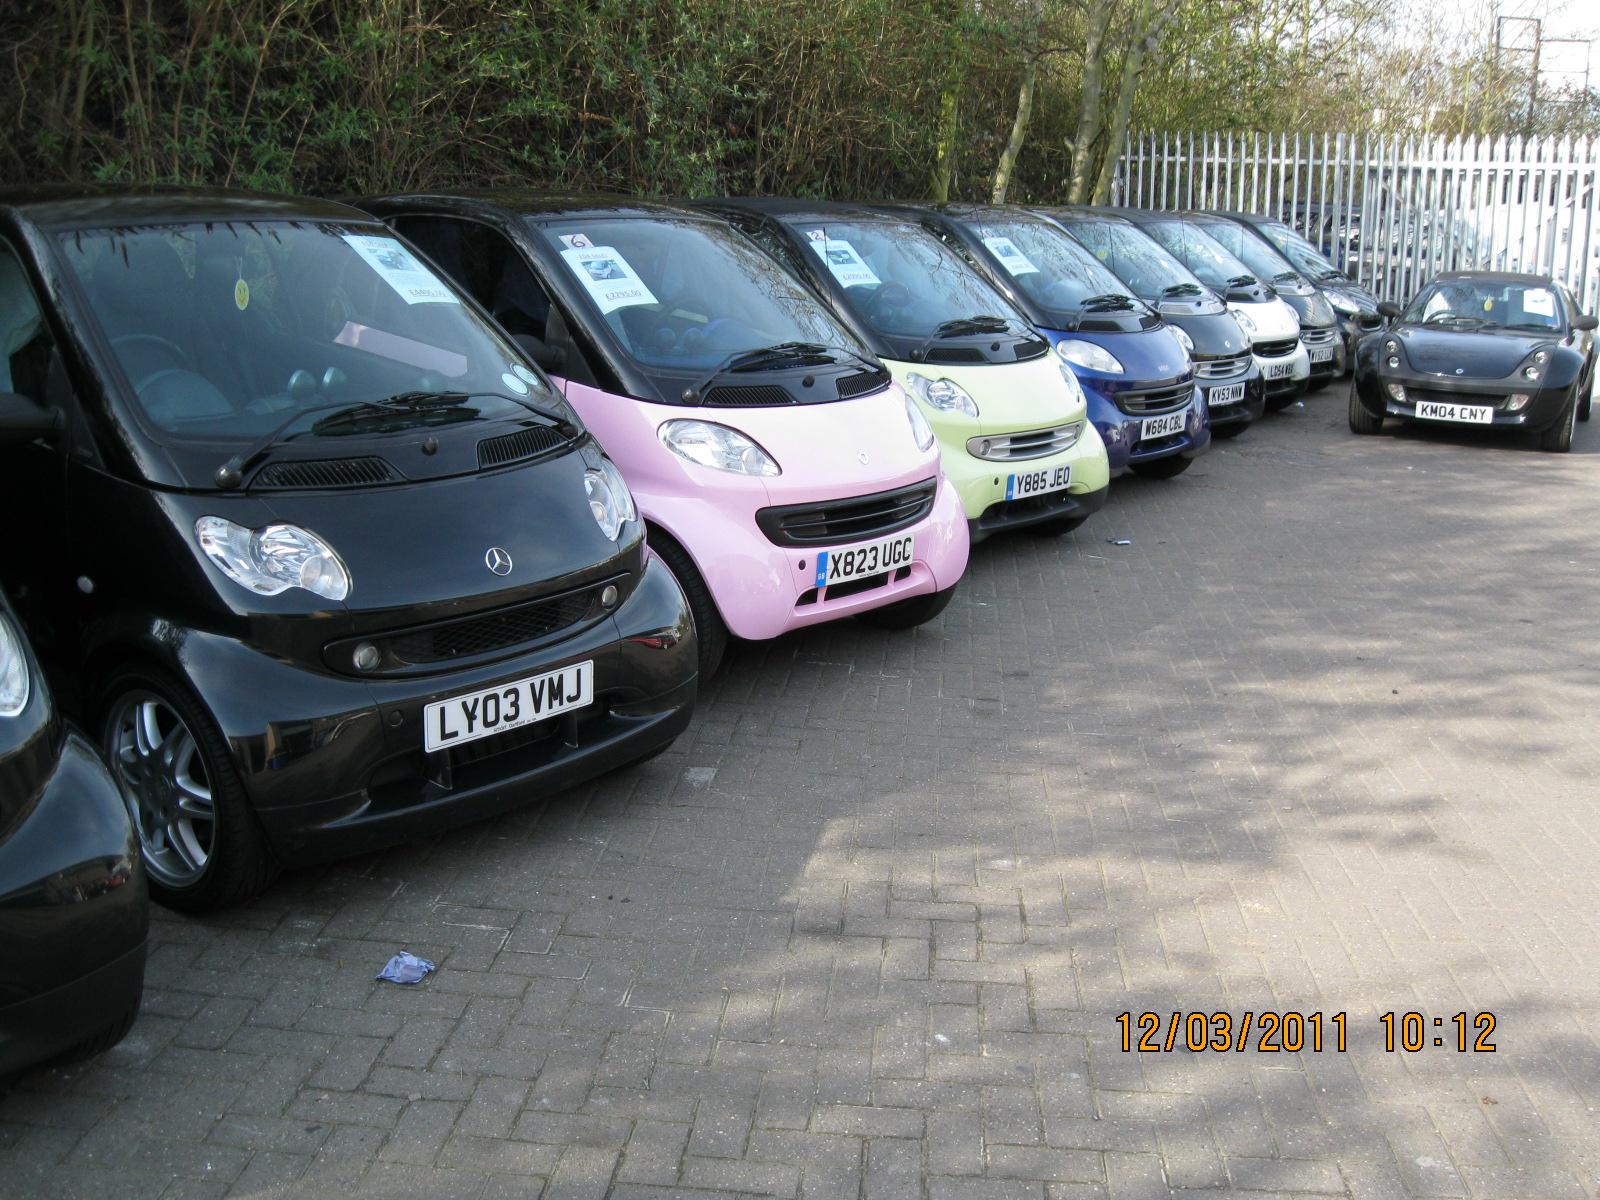 used smart cars for sale kent smart car engines servicing smart car repairs kent uk. Black Bedroom Furniture Sets. Home Design Ideas